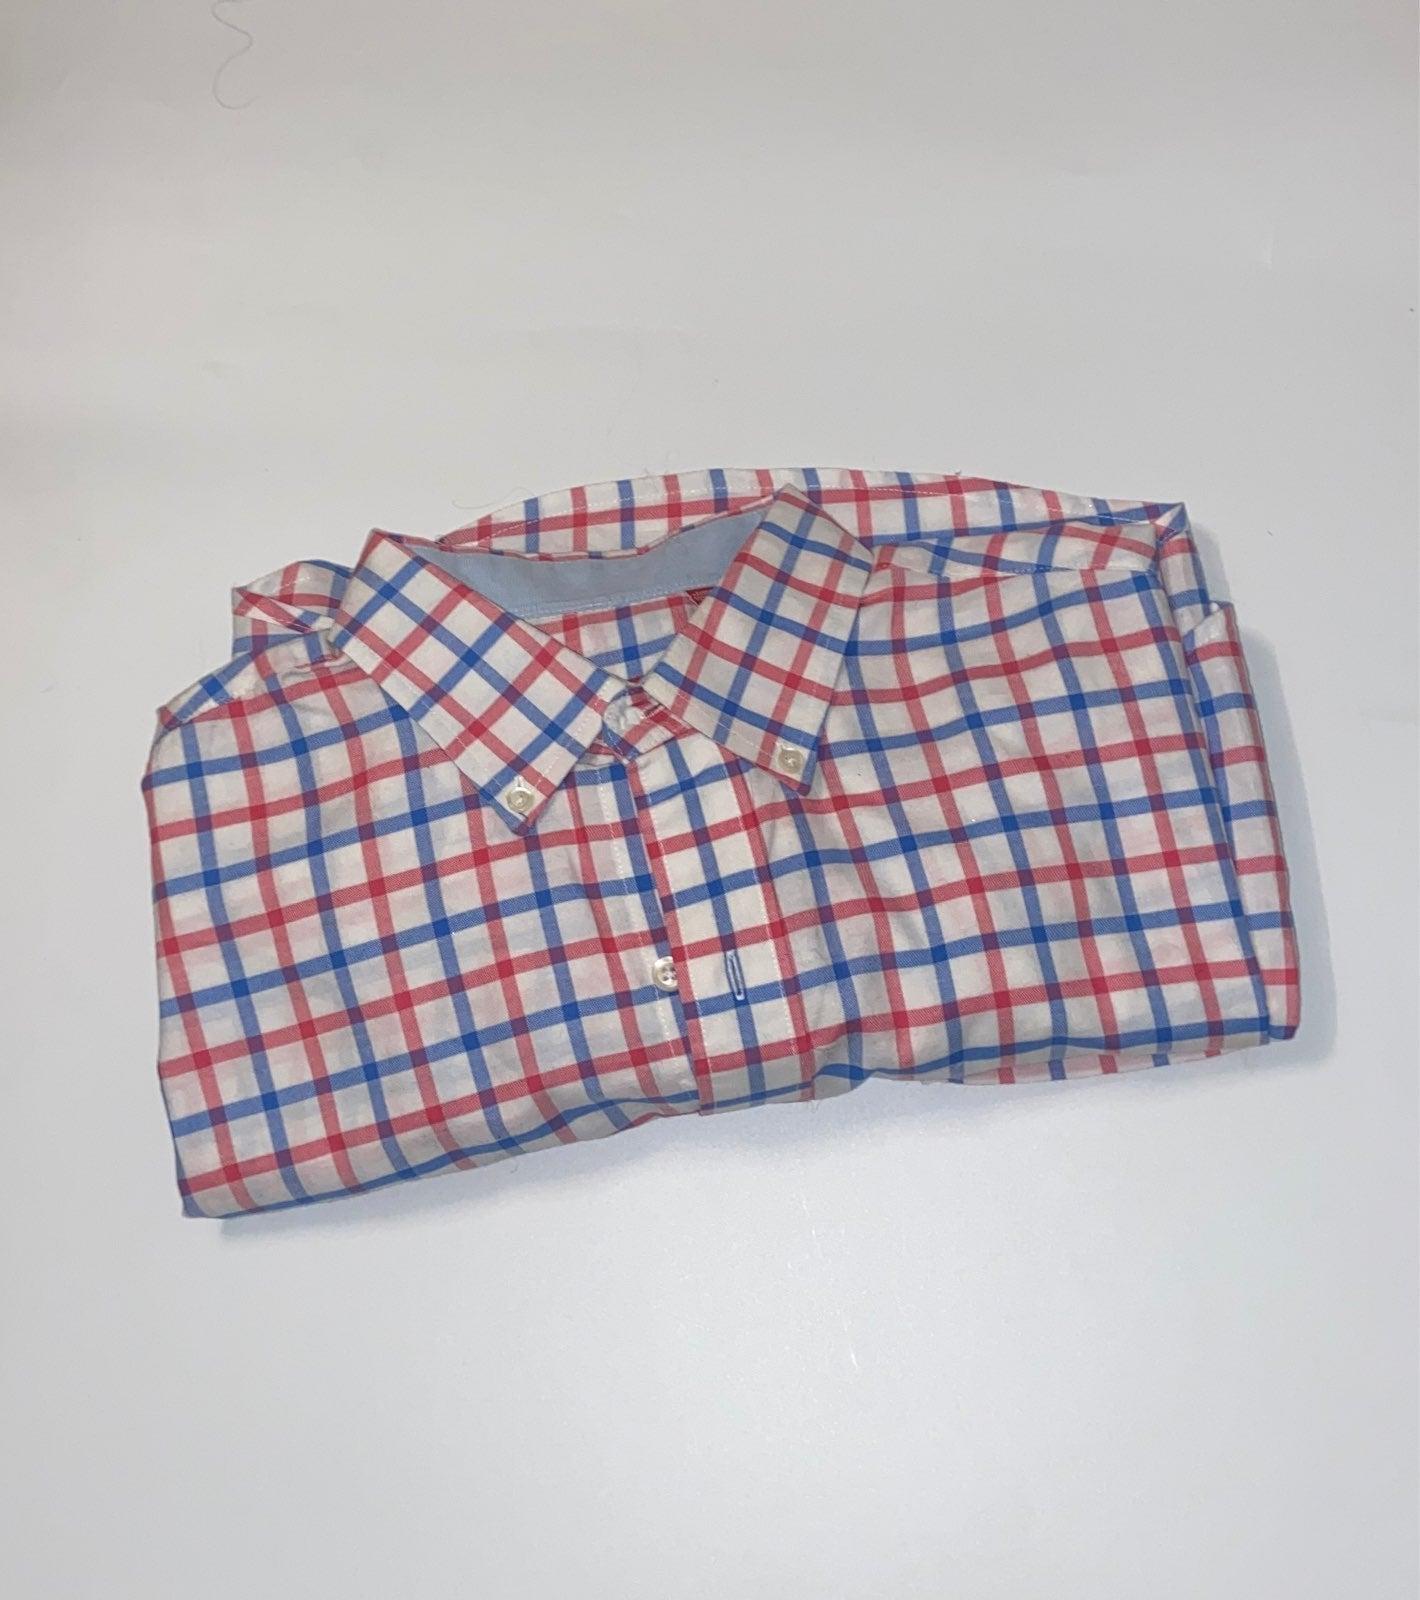 IZOD Men's Shirt Size Medium